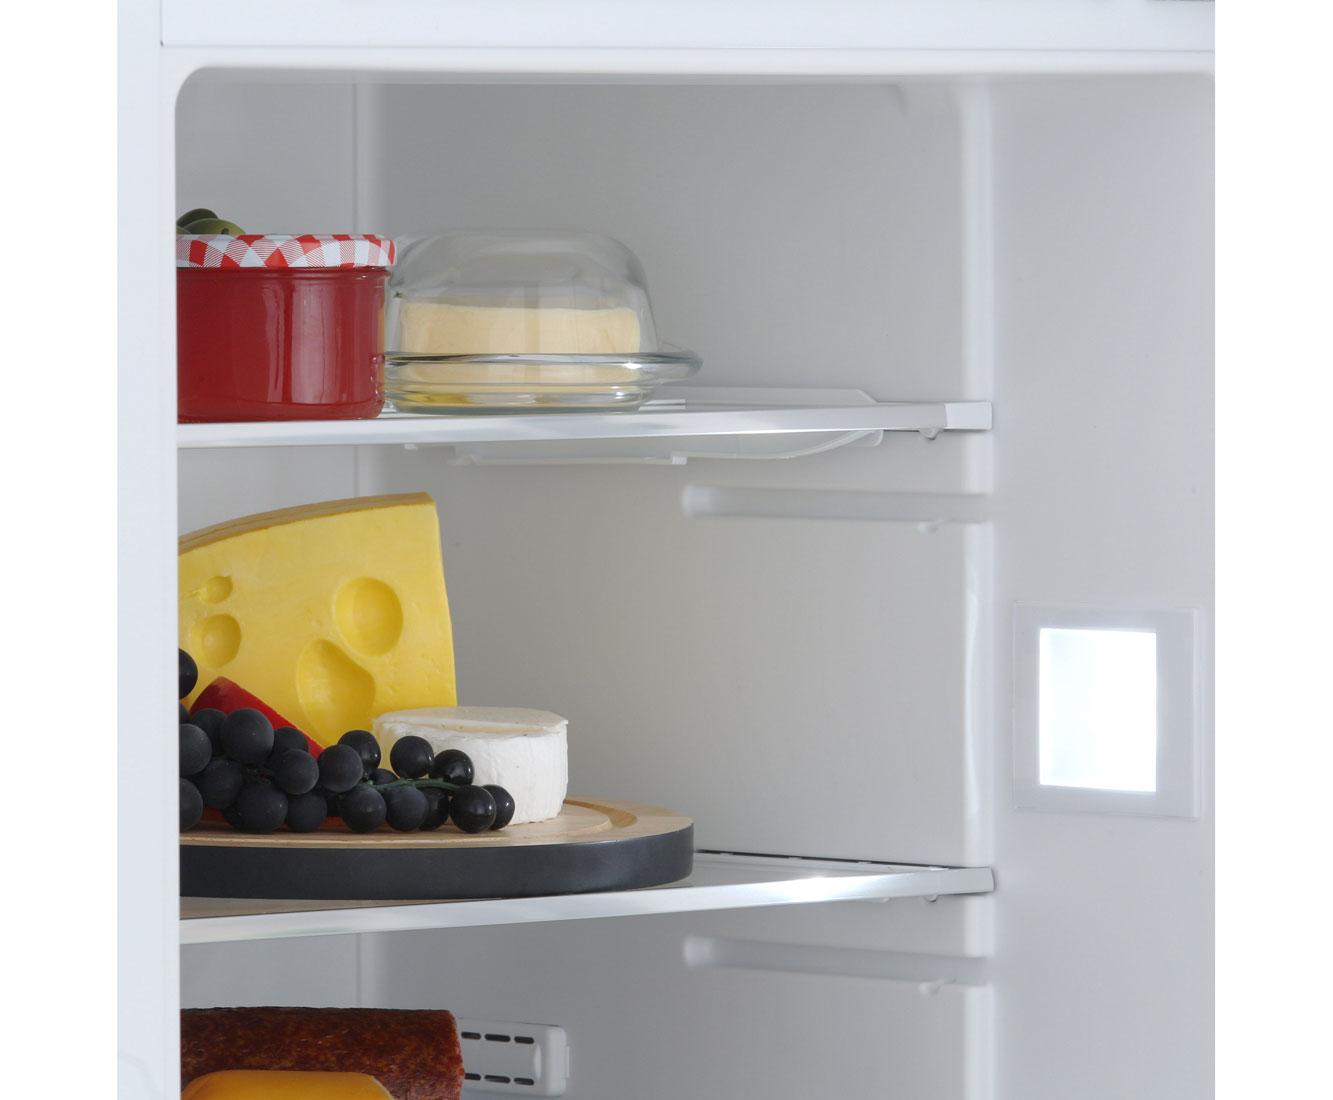 Kühlschrank Justieren Siemens : Bosch kühlschrank tür einstellen scharniere türbänder für